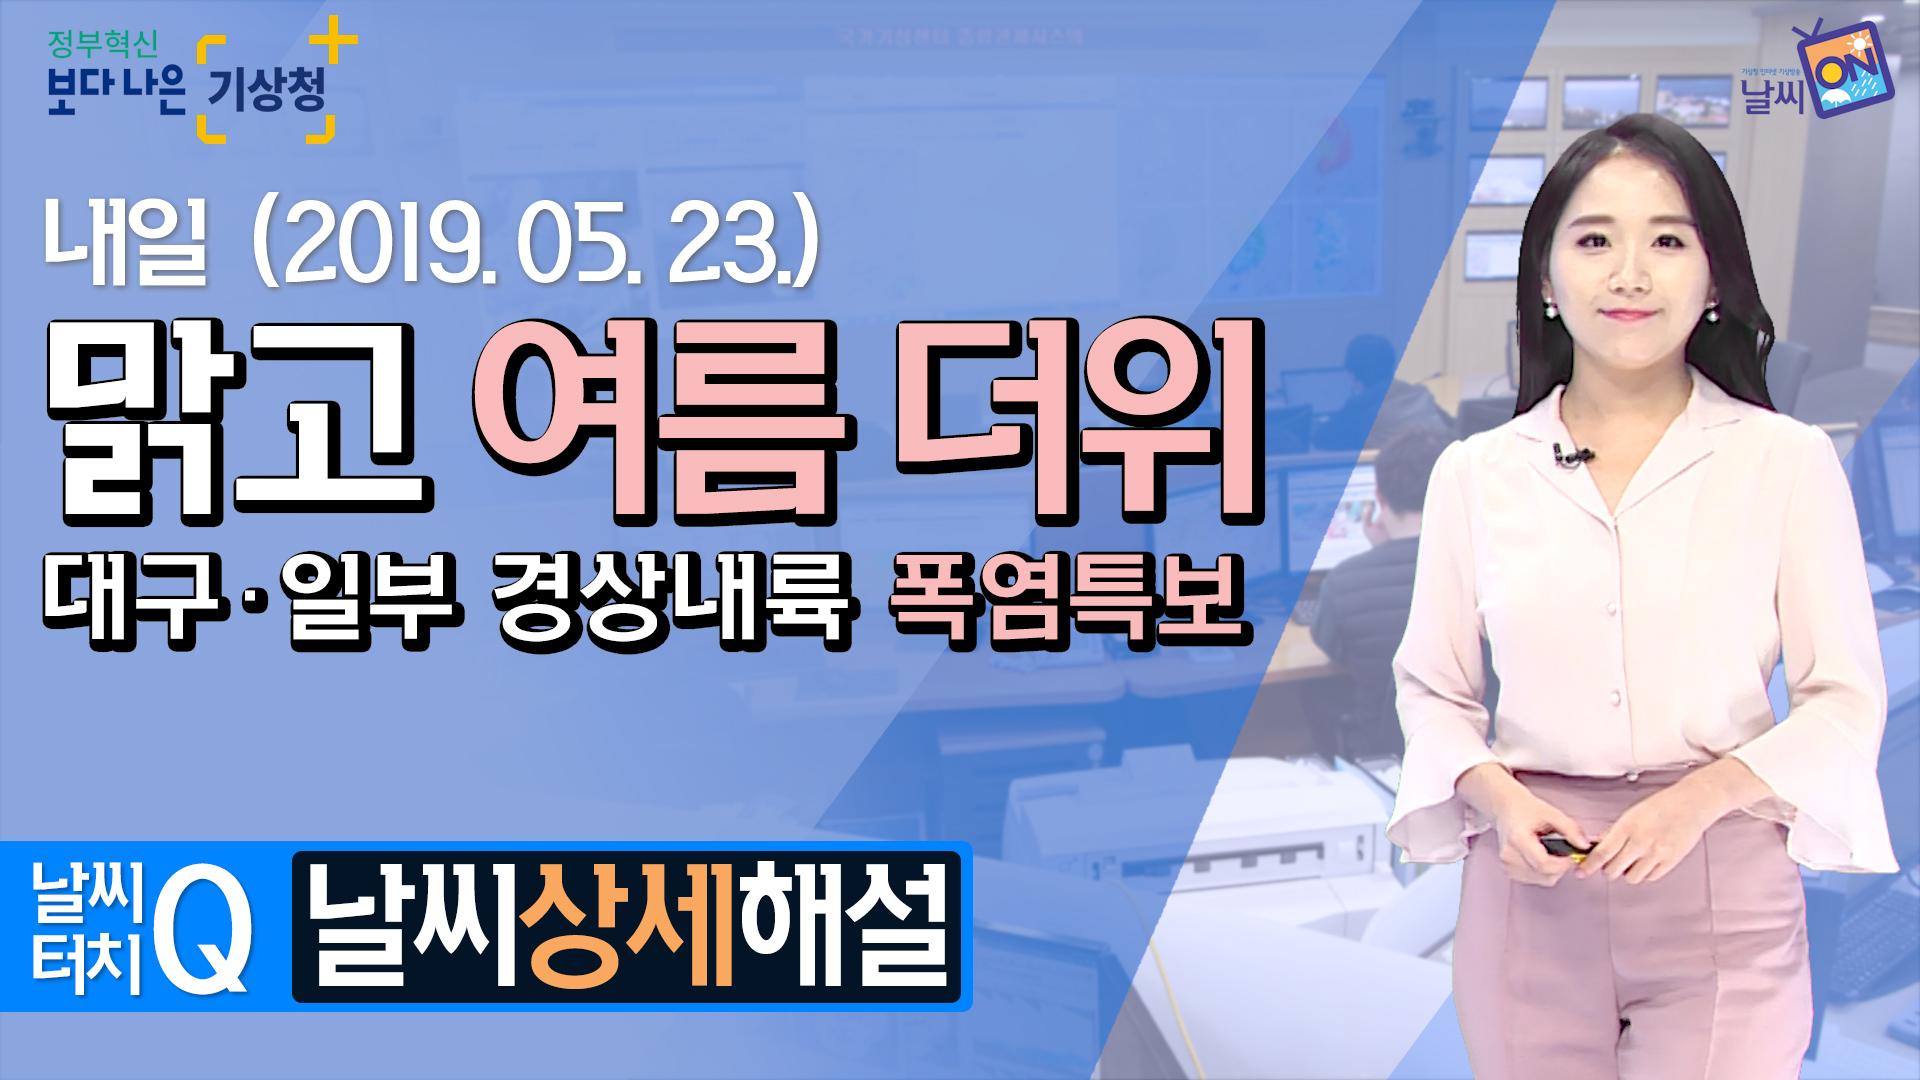 [19시] 5월 23일(목) 맑고 여름 더위, 대구·일부 경상내륙 폭염특보